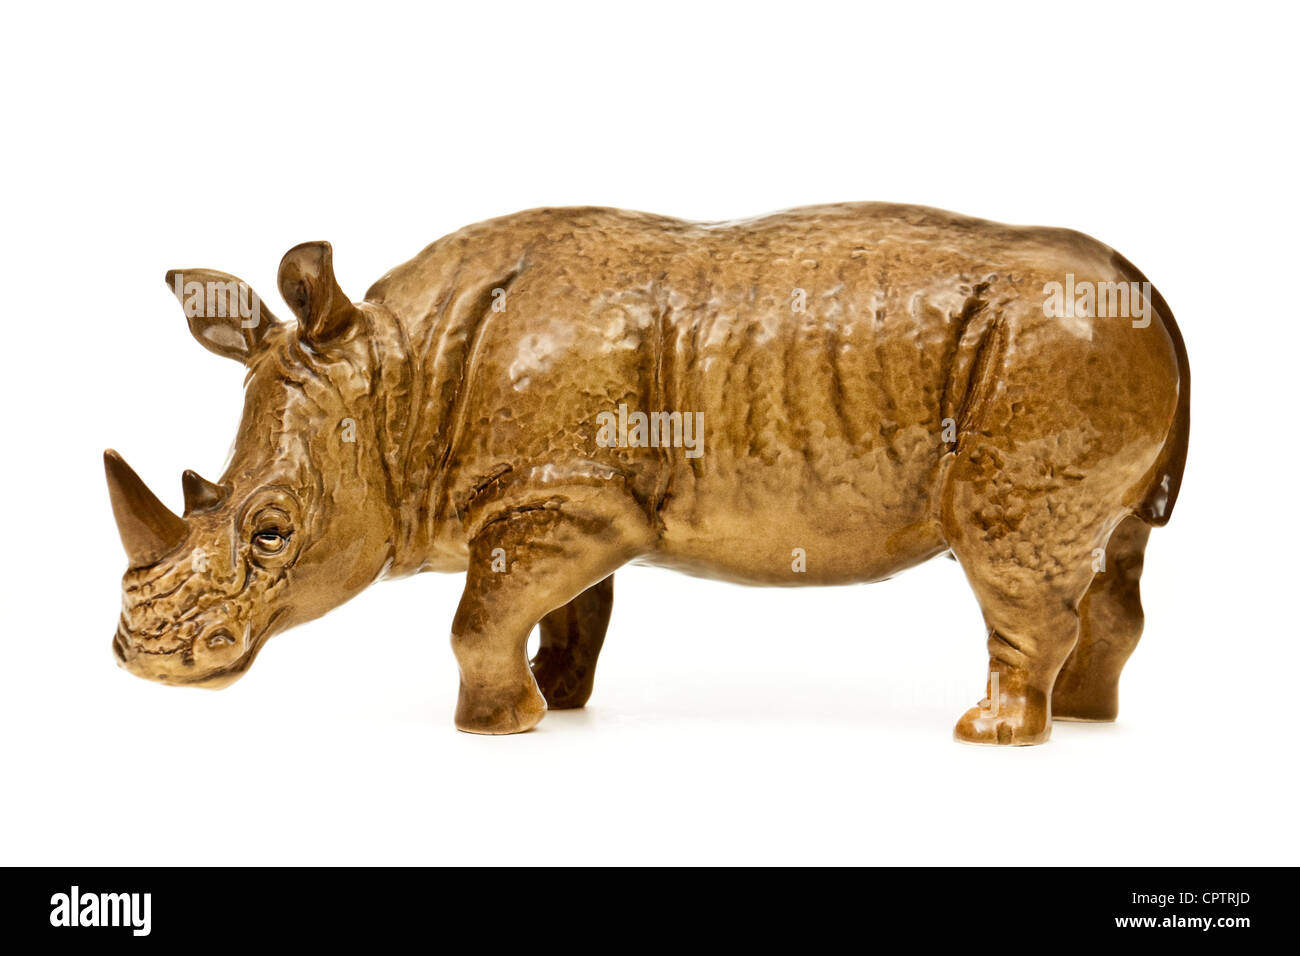 Rare vintage Sylvac Pottery (No 5166) large rhinoceros figurine - Stock Image